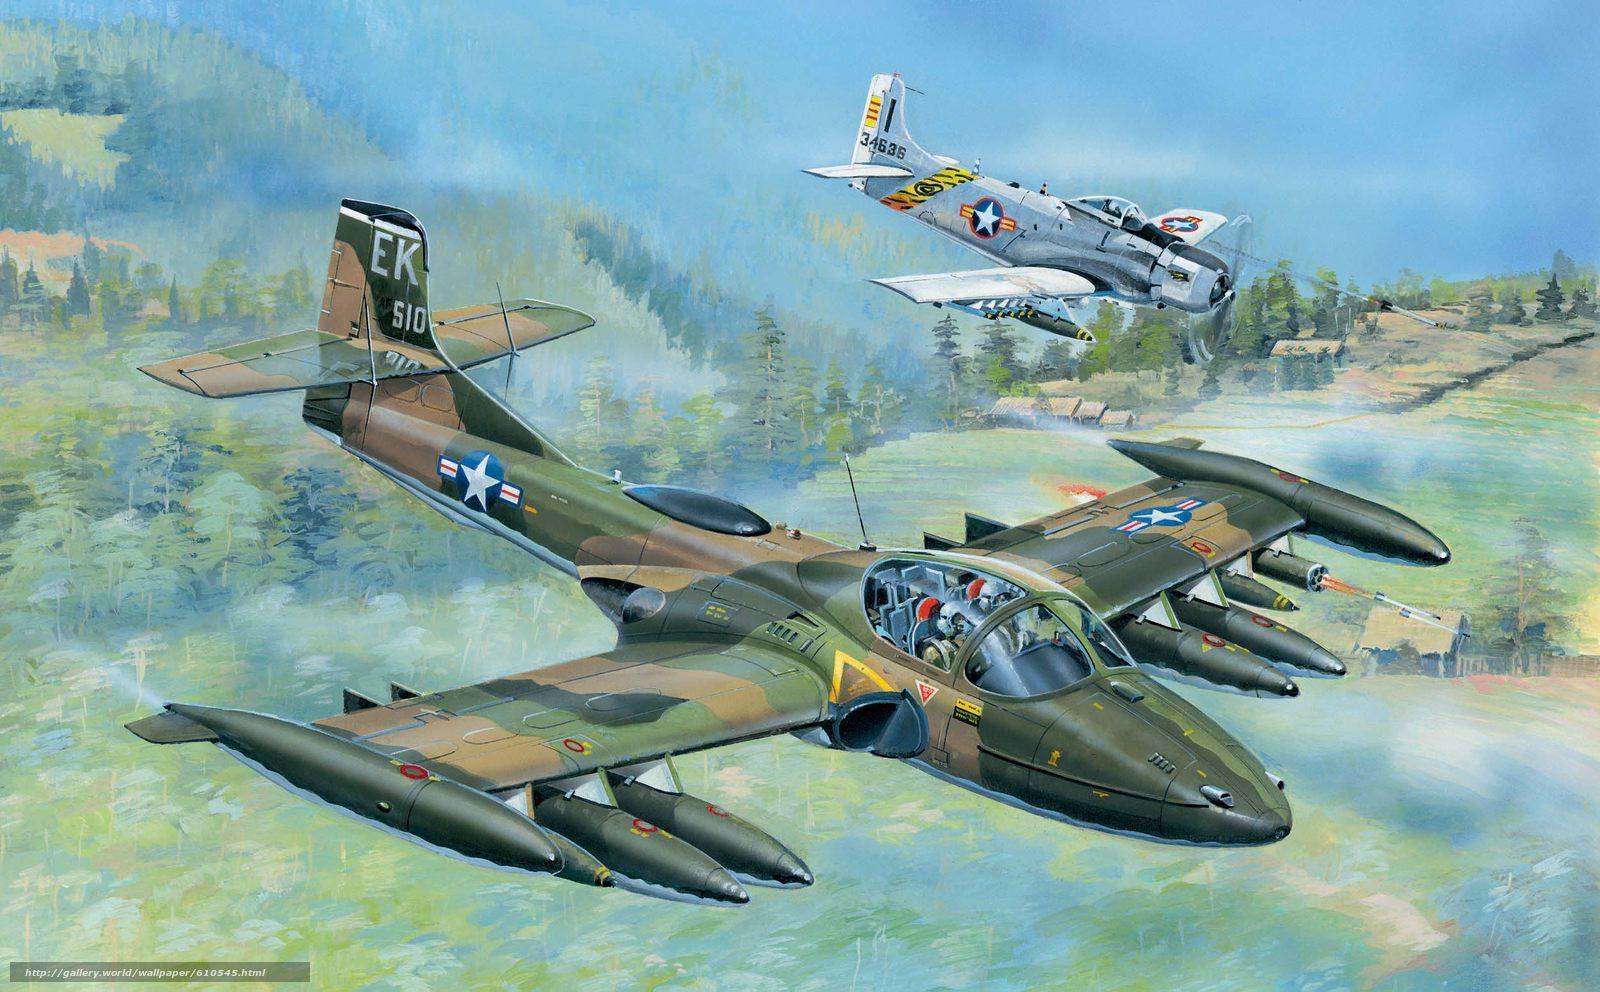 Скачать обои арт,  Самолеты,  США,  A-37A Dragonfly бесплатно для рабочего стола в разрешении 2500x1550 — картинка №610545